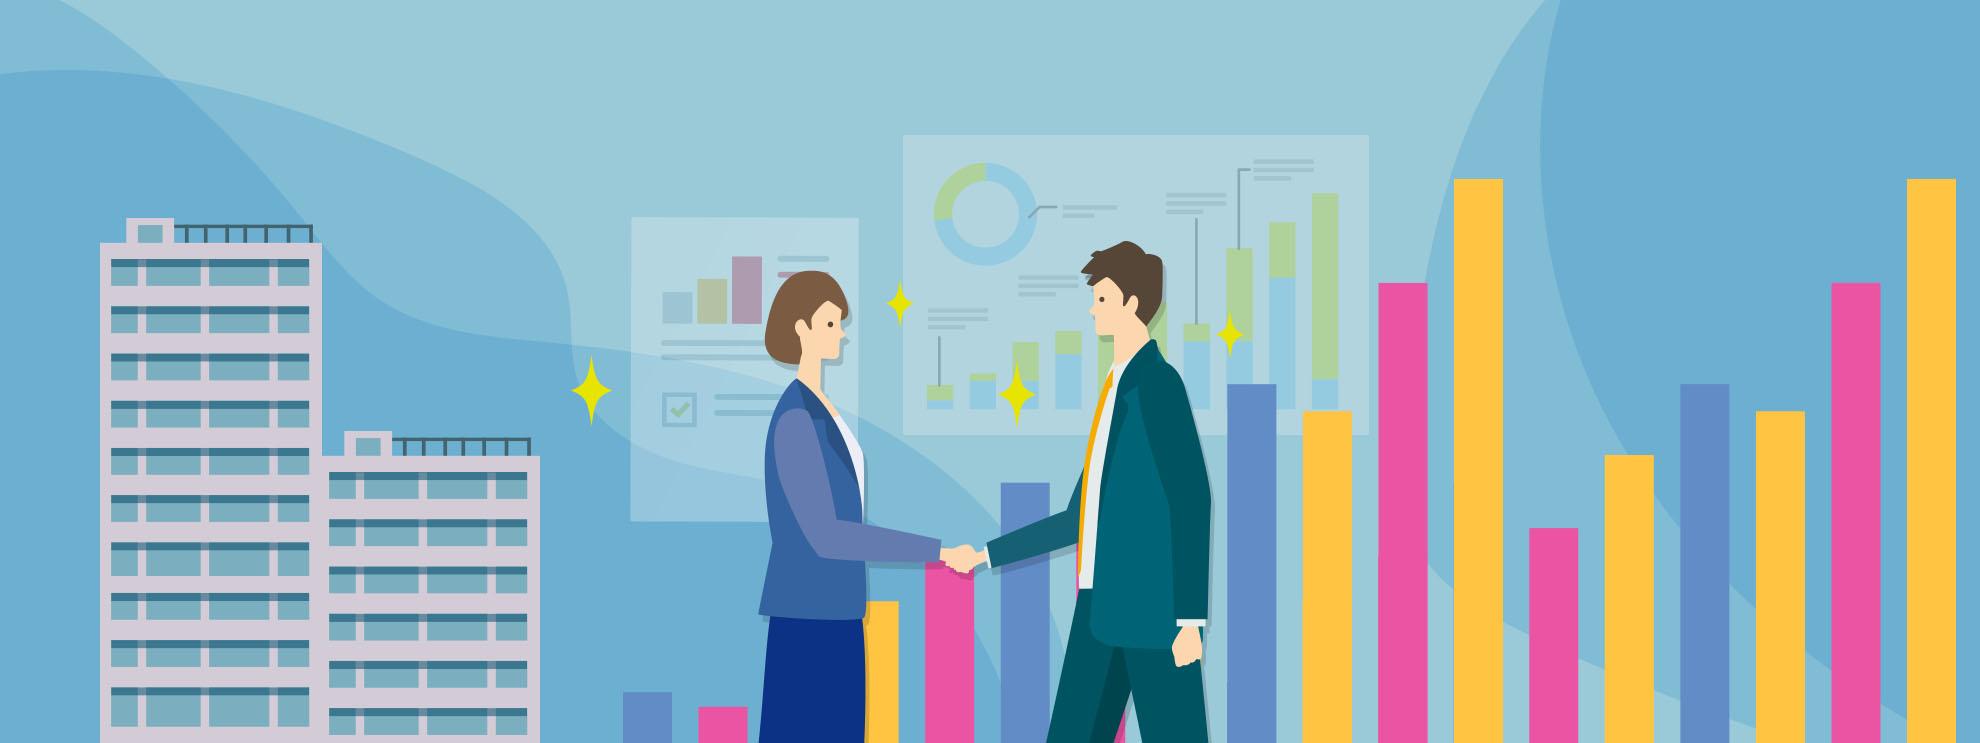 創業・新規事業支援